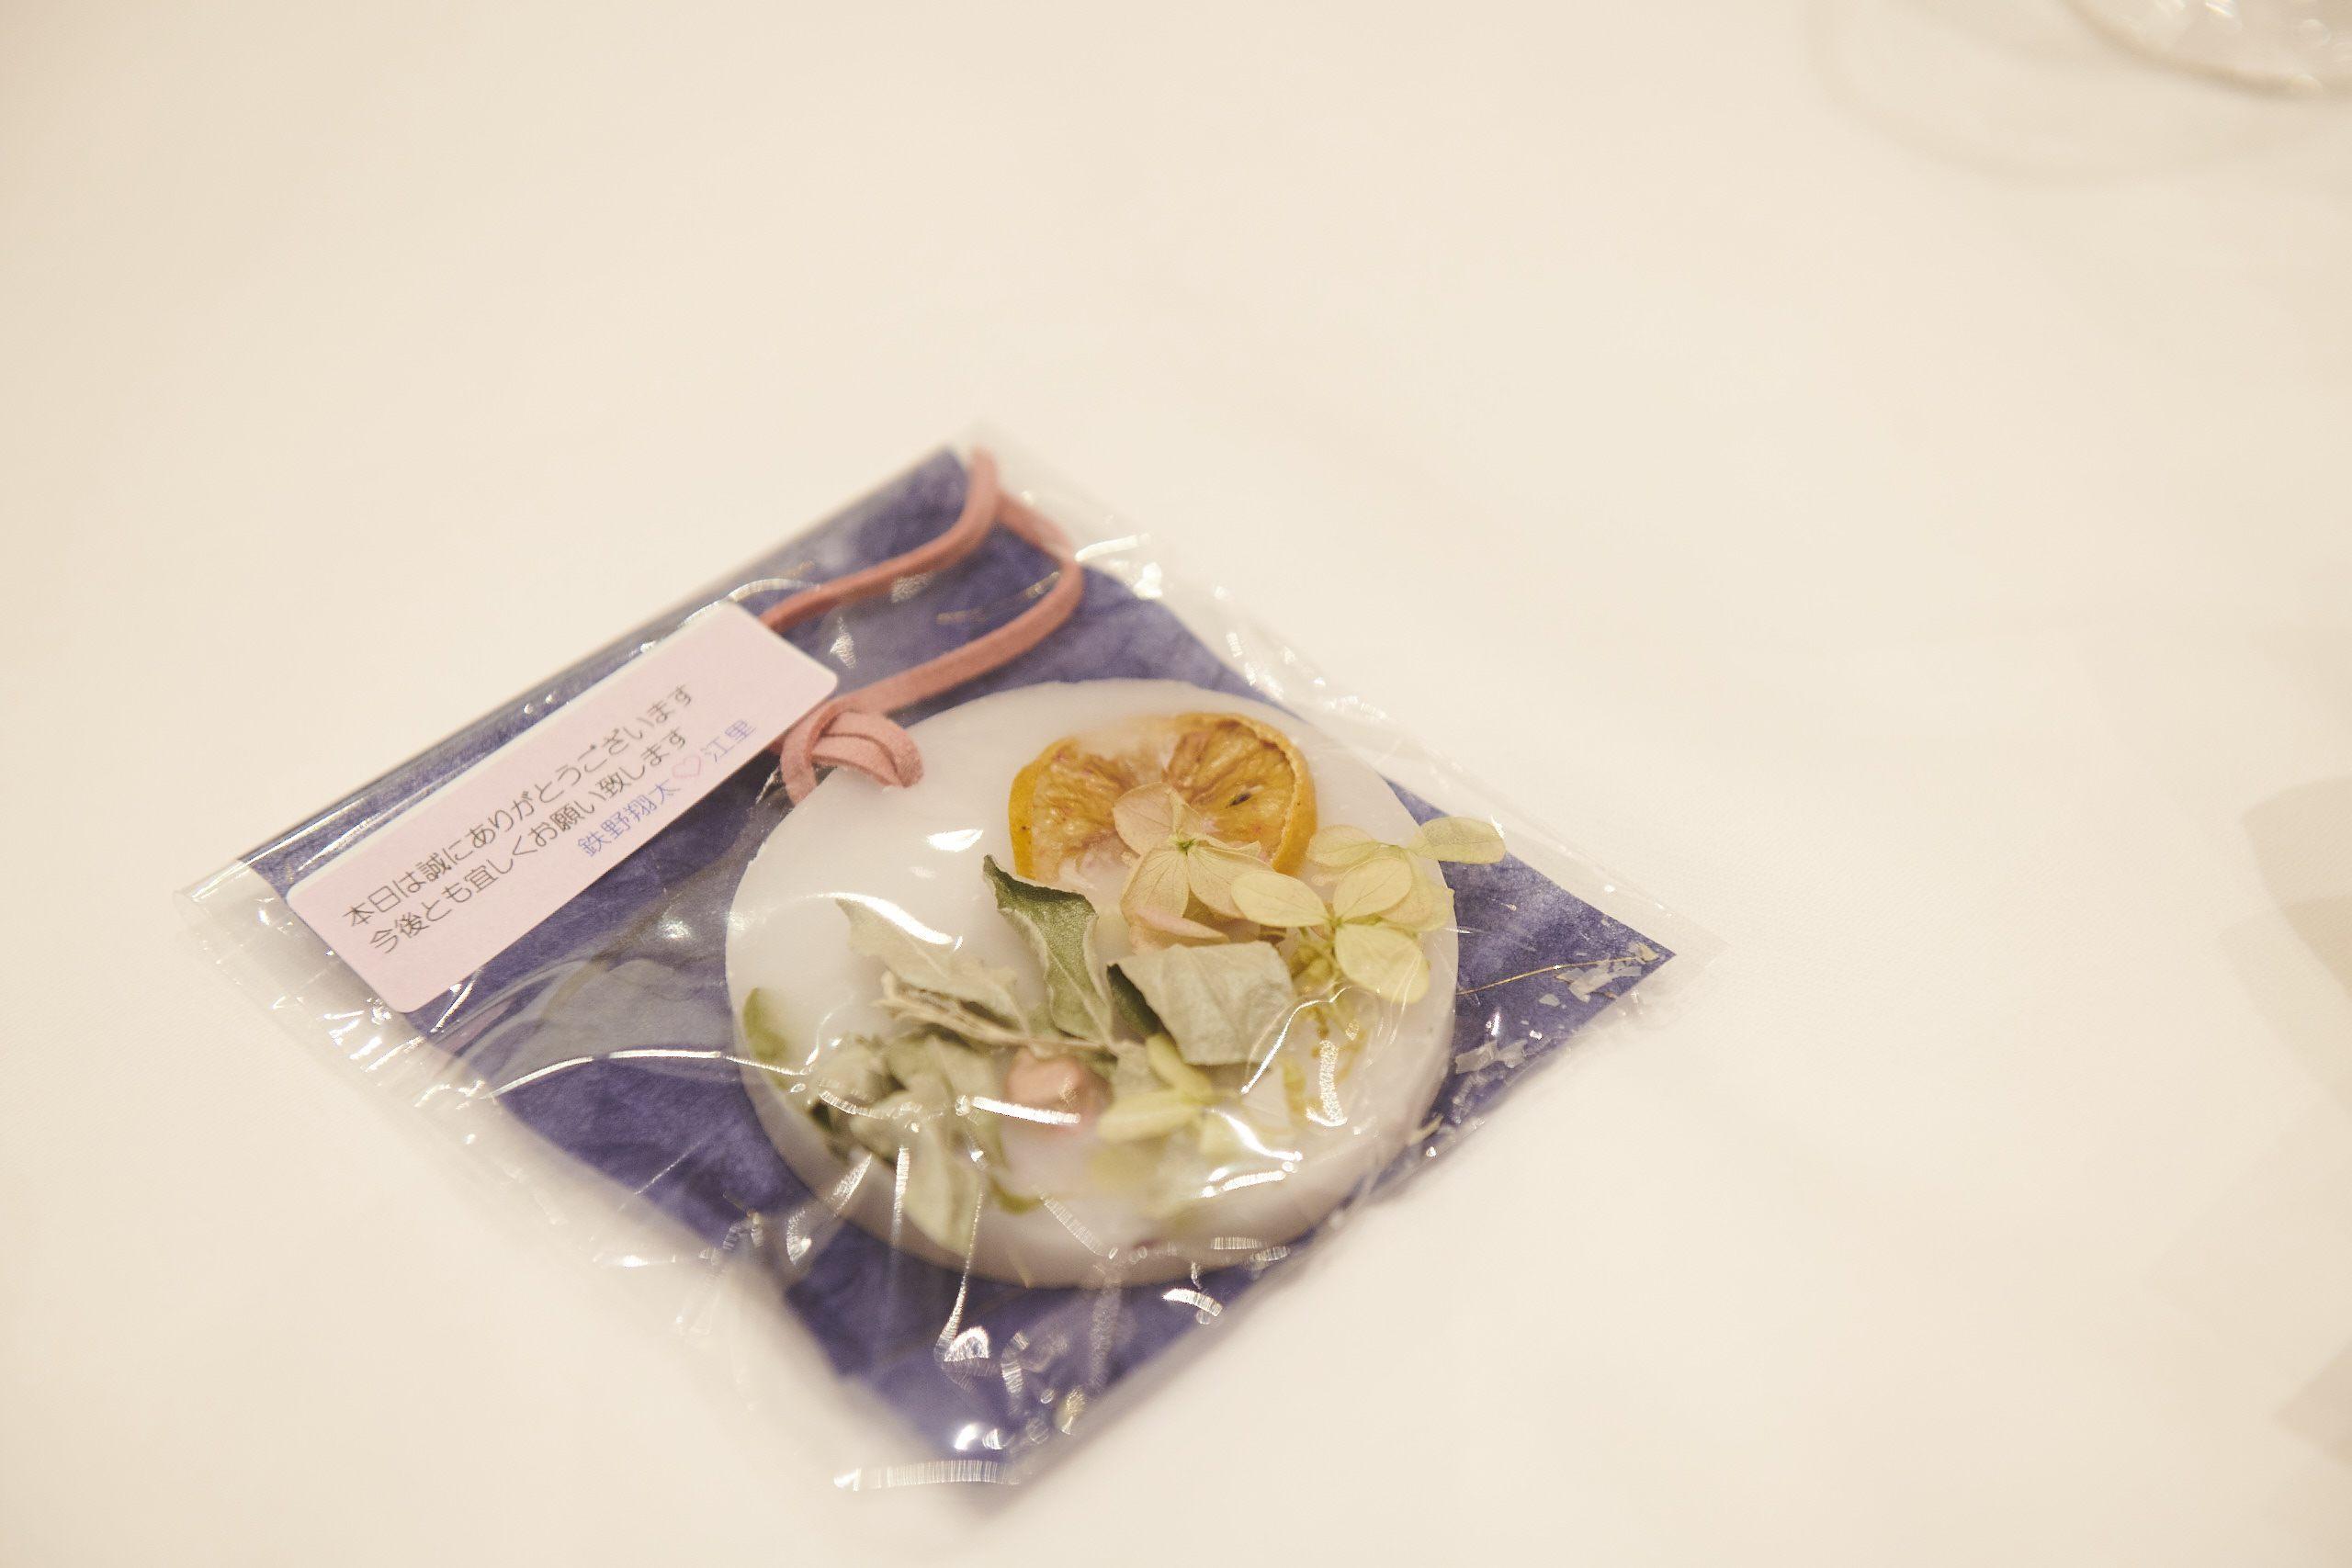 徳島県の結婚式場ブランアンジュで新婦お母様と妹様が手作りされた アロマワックスバーのプレゼントが